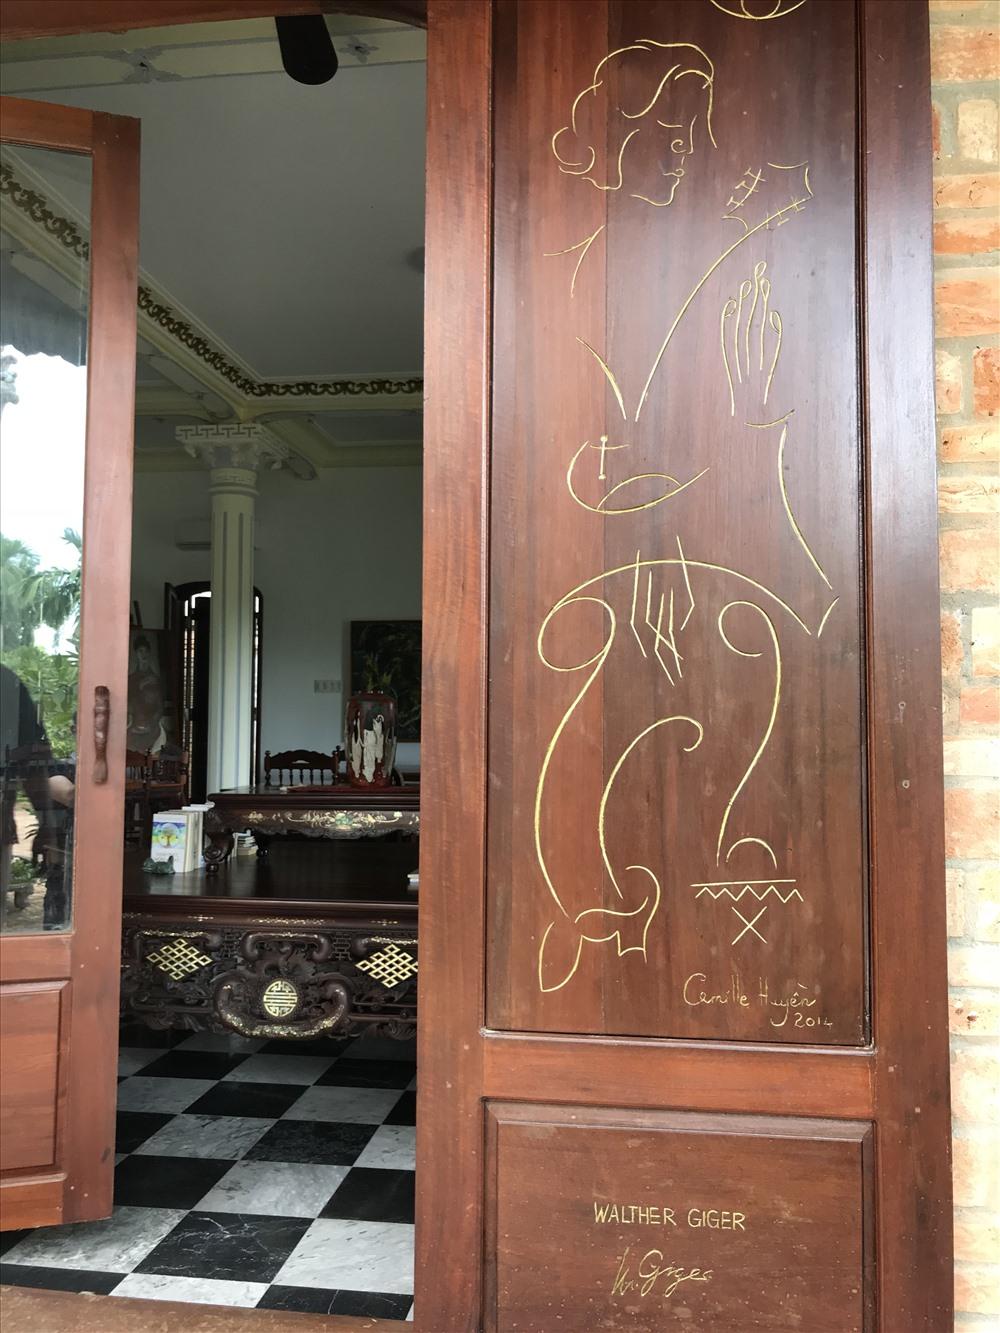 Camile Huyền đã lưu giữ thầy mình trên khung cửa như thế này ở Bến Xuân. Ảnh: H.V.M